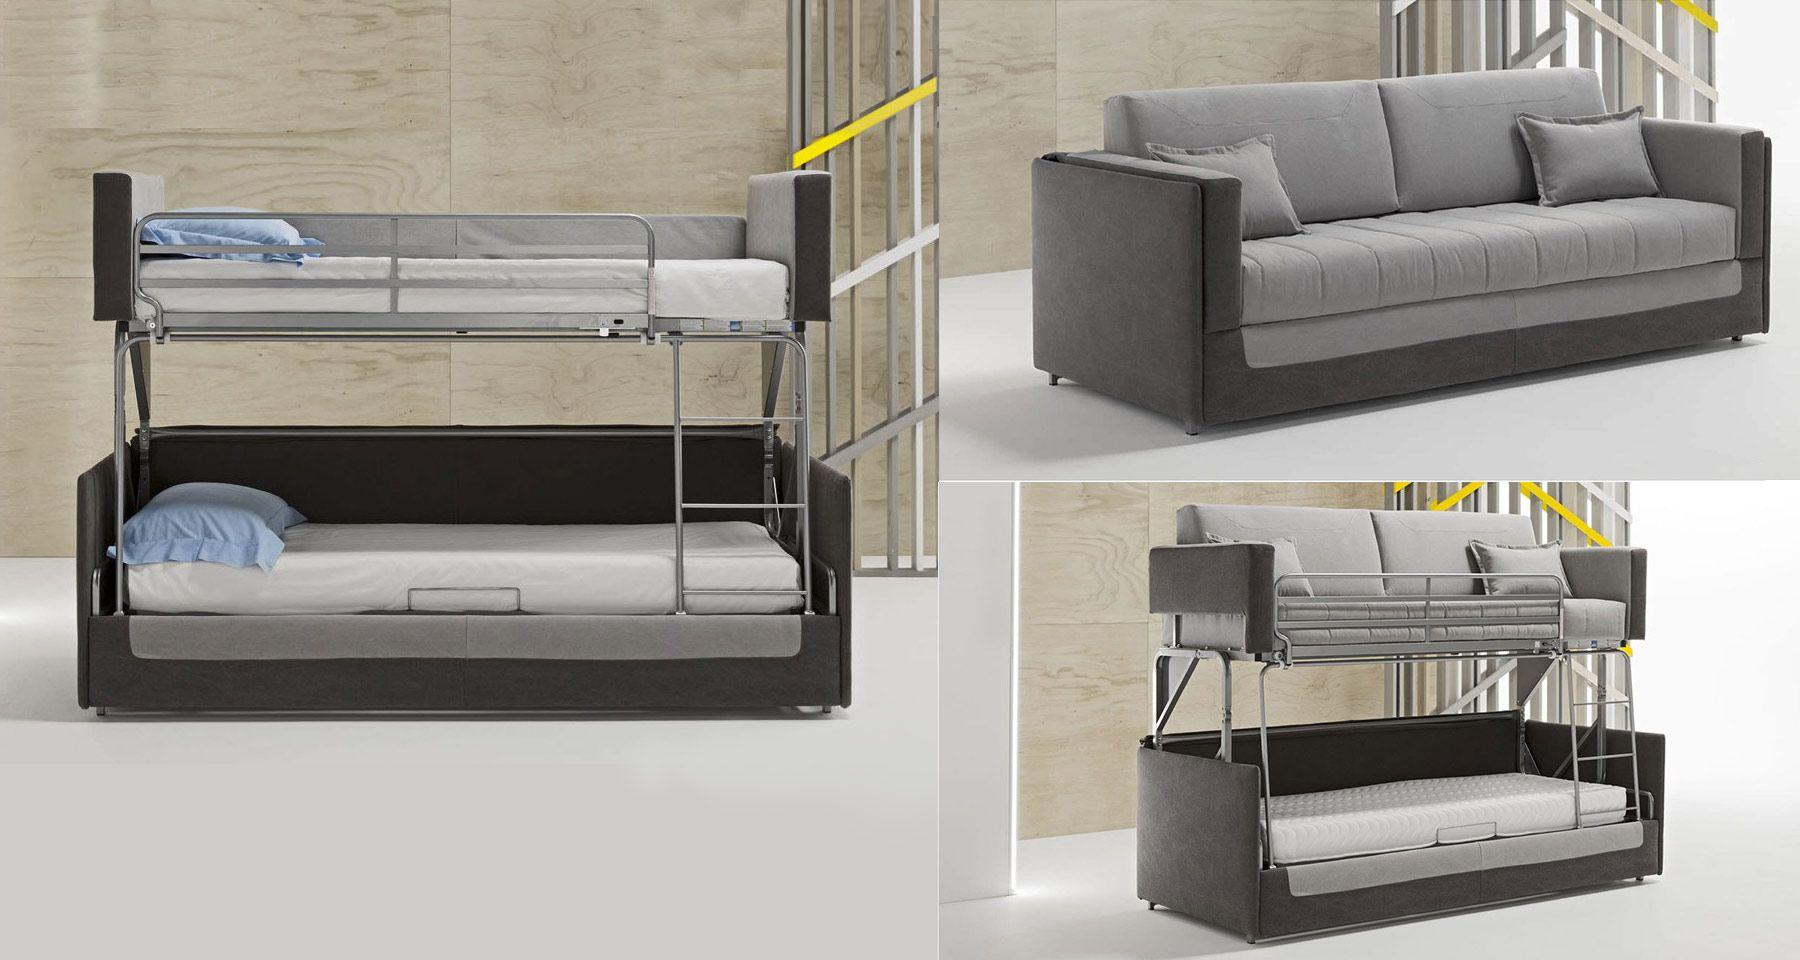 Canapes Lits Originaux Et Lits Caches Design Decostock Canape Lit Canape Original Lit